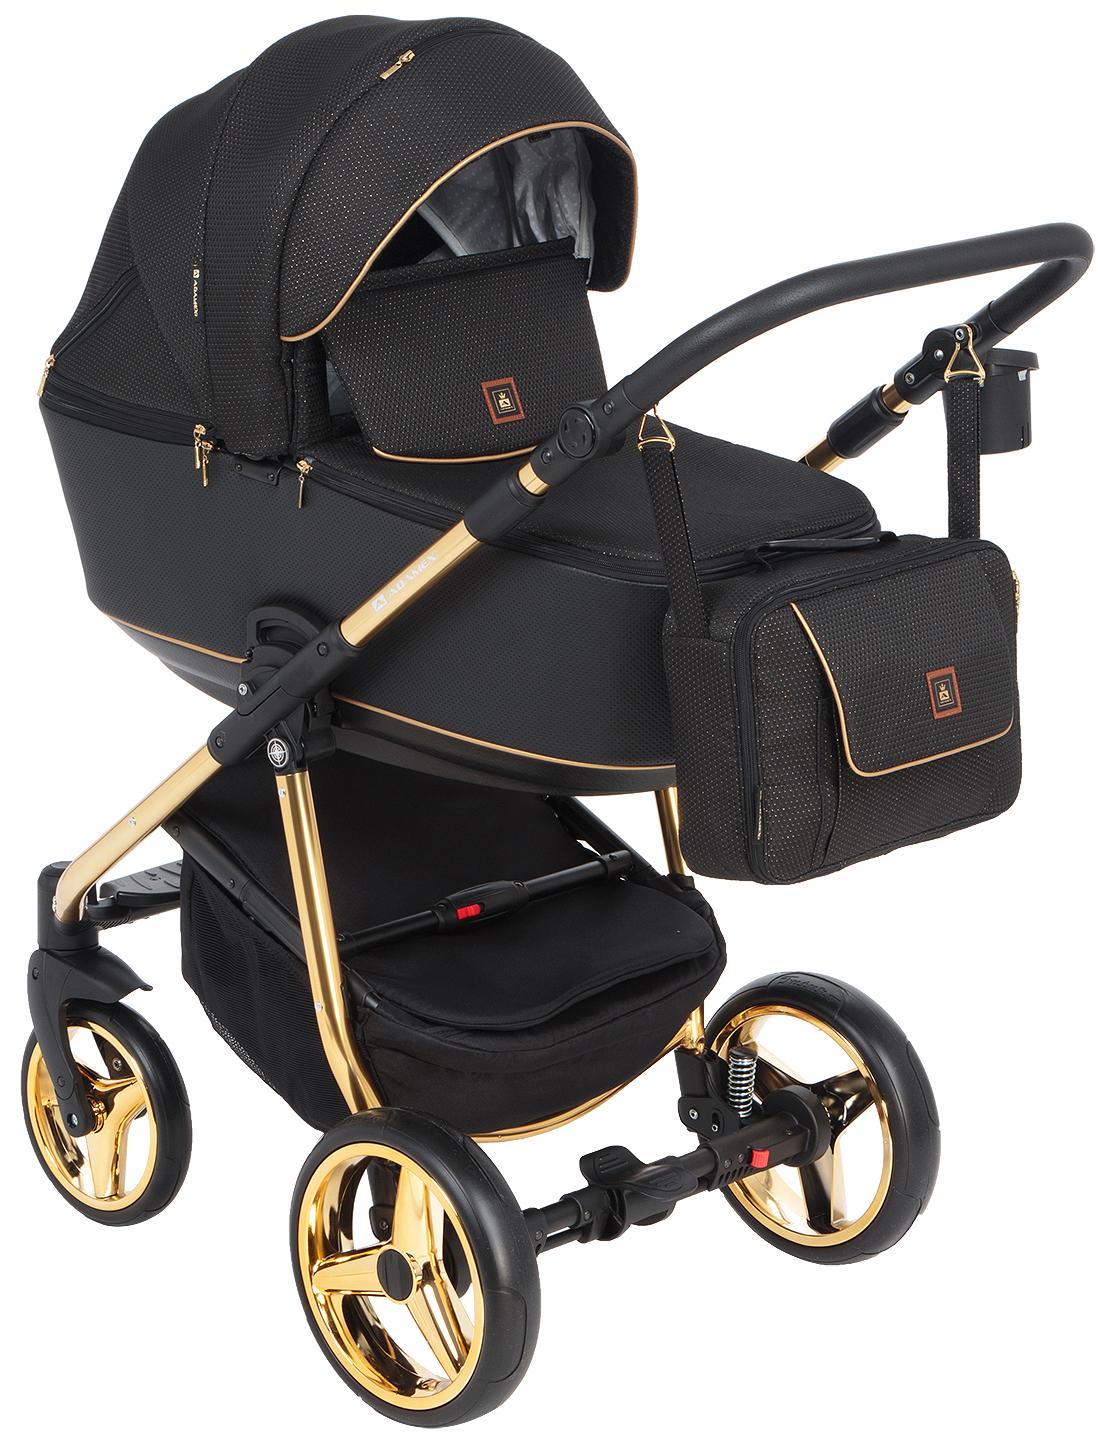 Купить Коляска 3 в 1 Adamex Barcelona special edition BR-442 цвет черный, Детские коляски 3 в 1